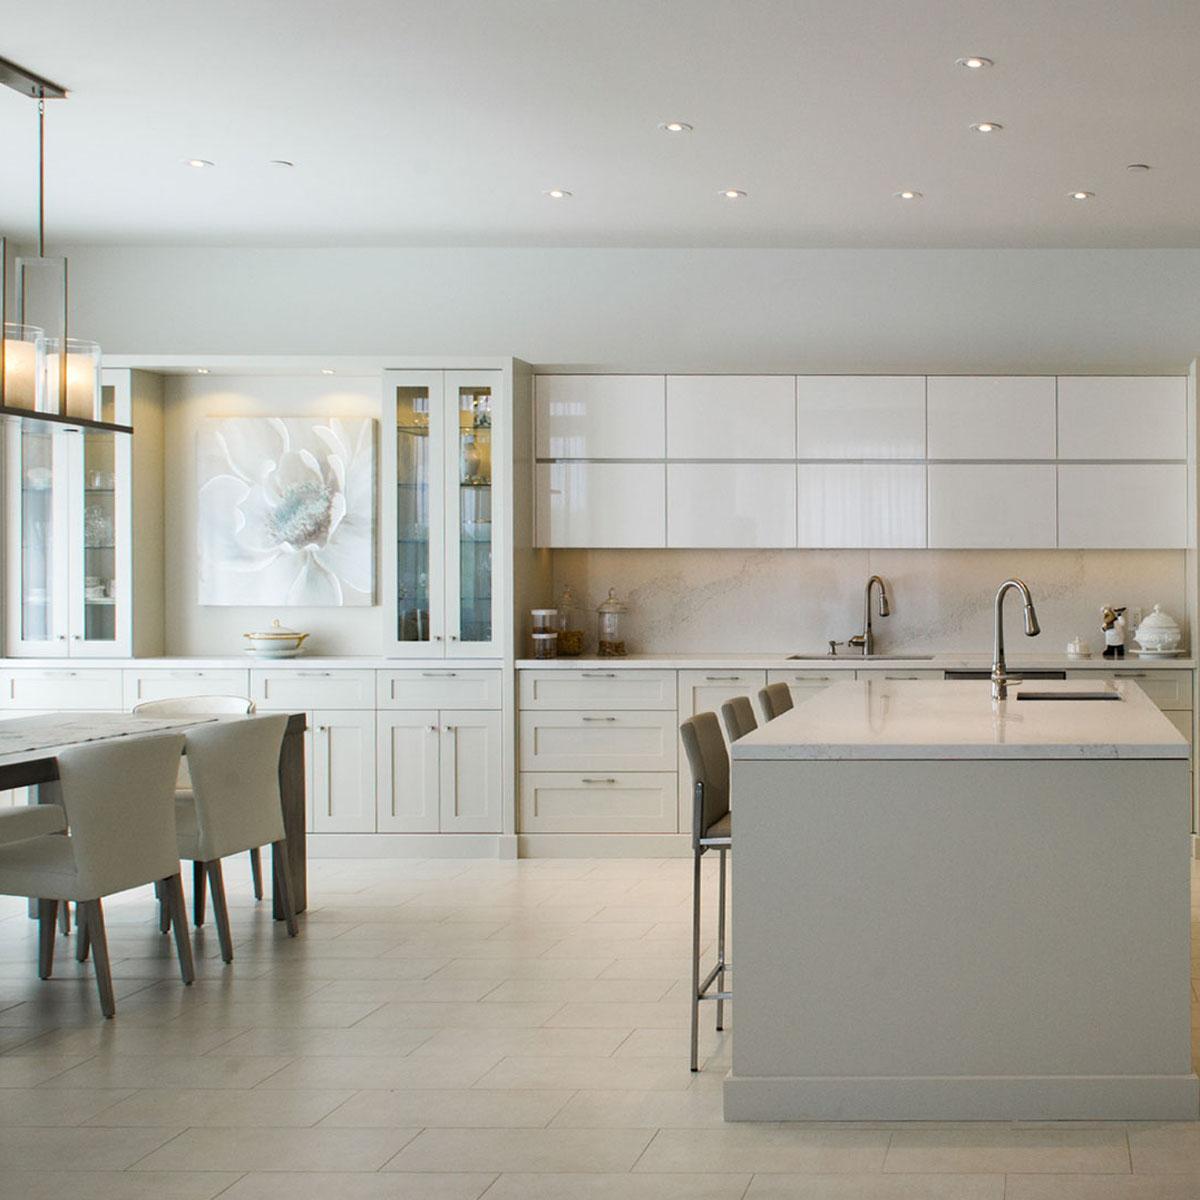 Design conception armoires cuisine mobilier sur mesure kalla for Mobilier cuisine design